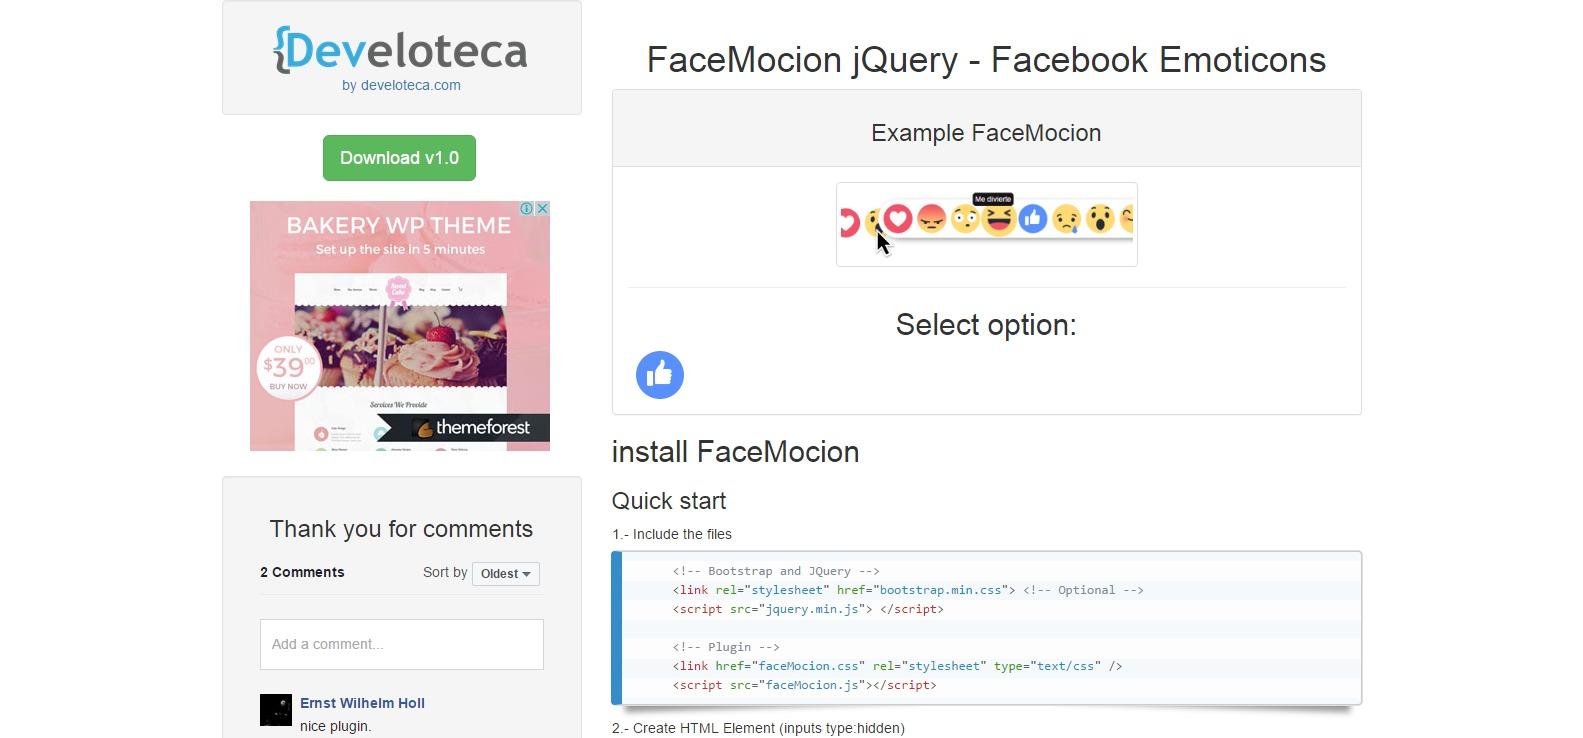 FaceMocion.js